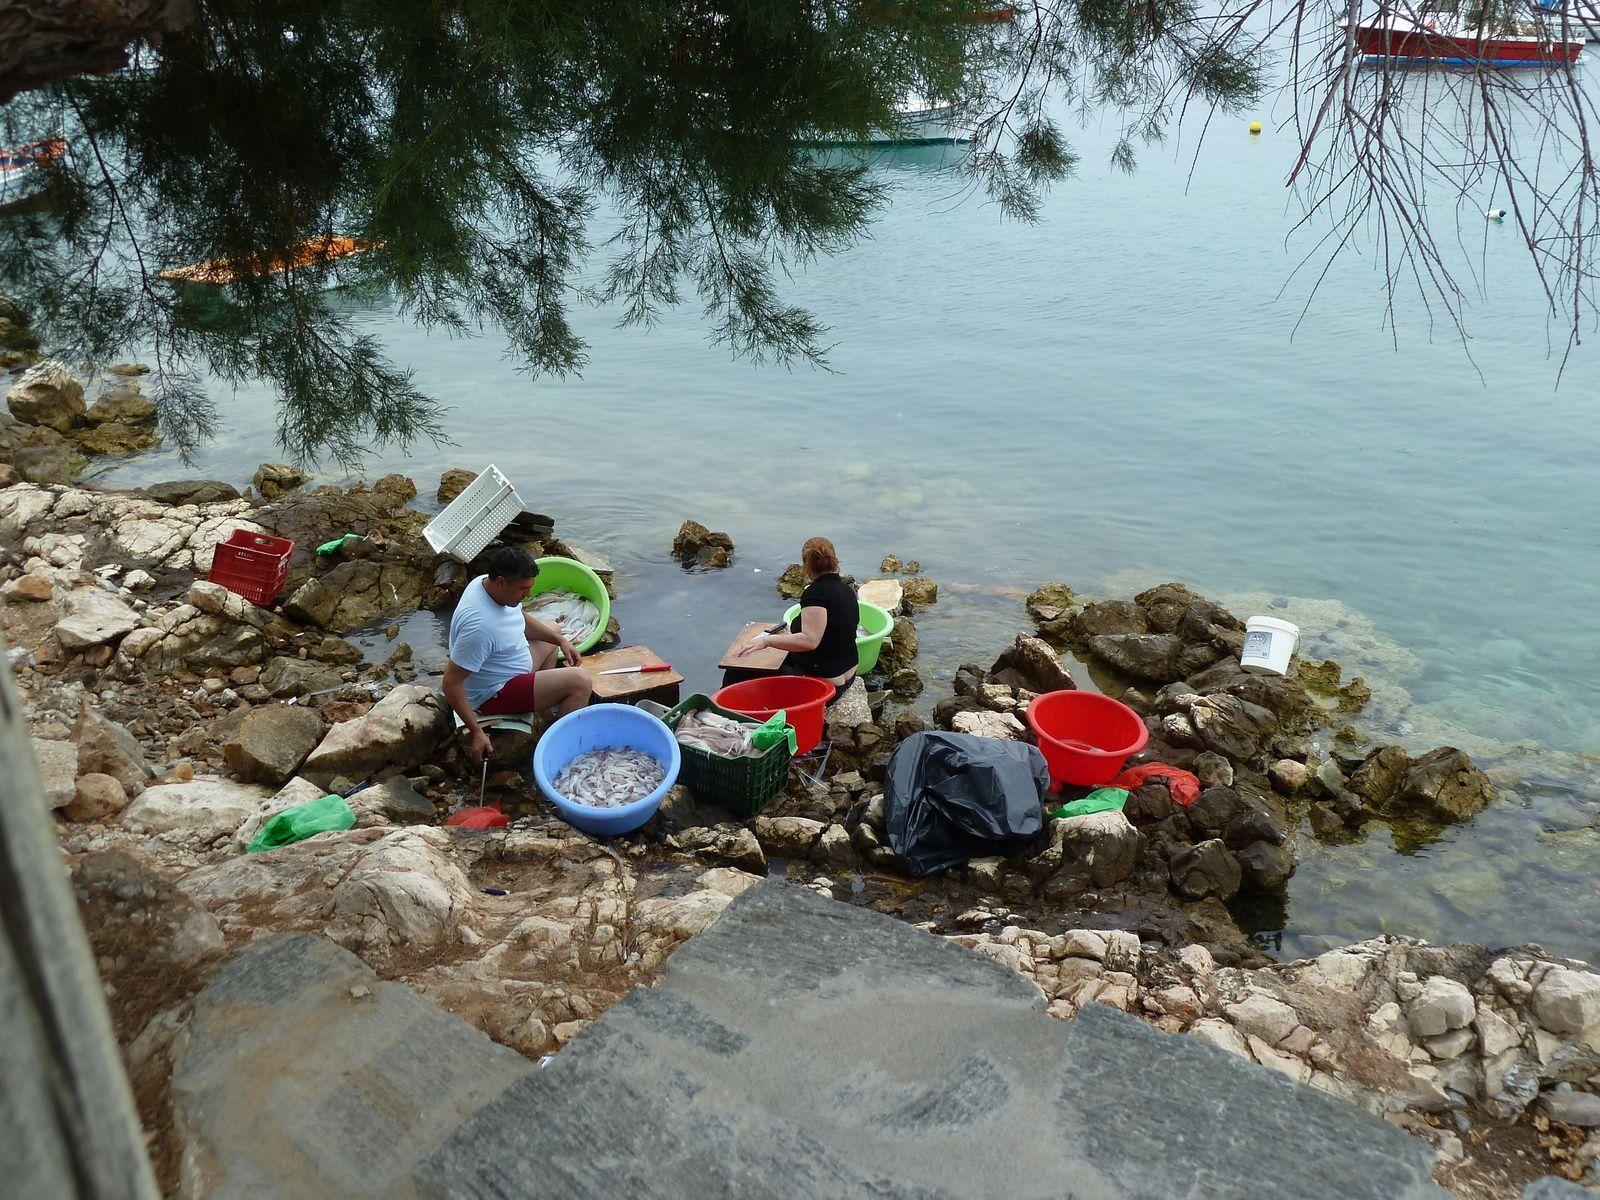 En contrebas, sur les rochers un couple de pêcheurs installés sur les rochers, les pieds dans l'eau, nettoient des poulpes et des encornets.